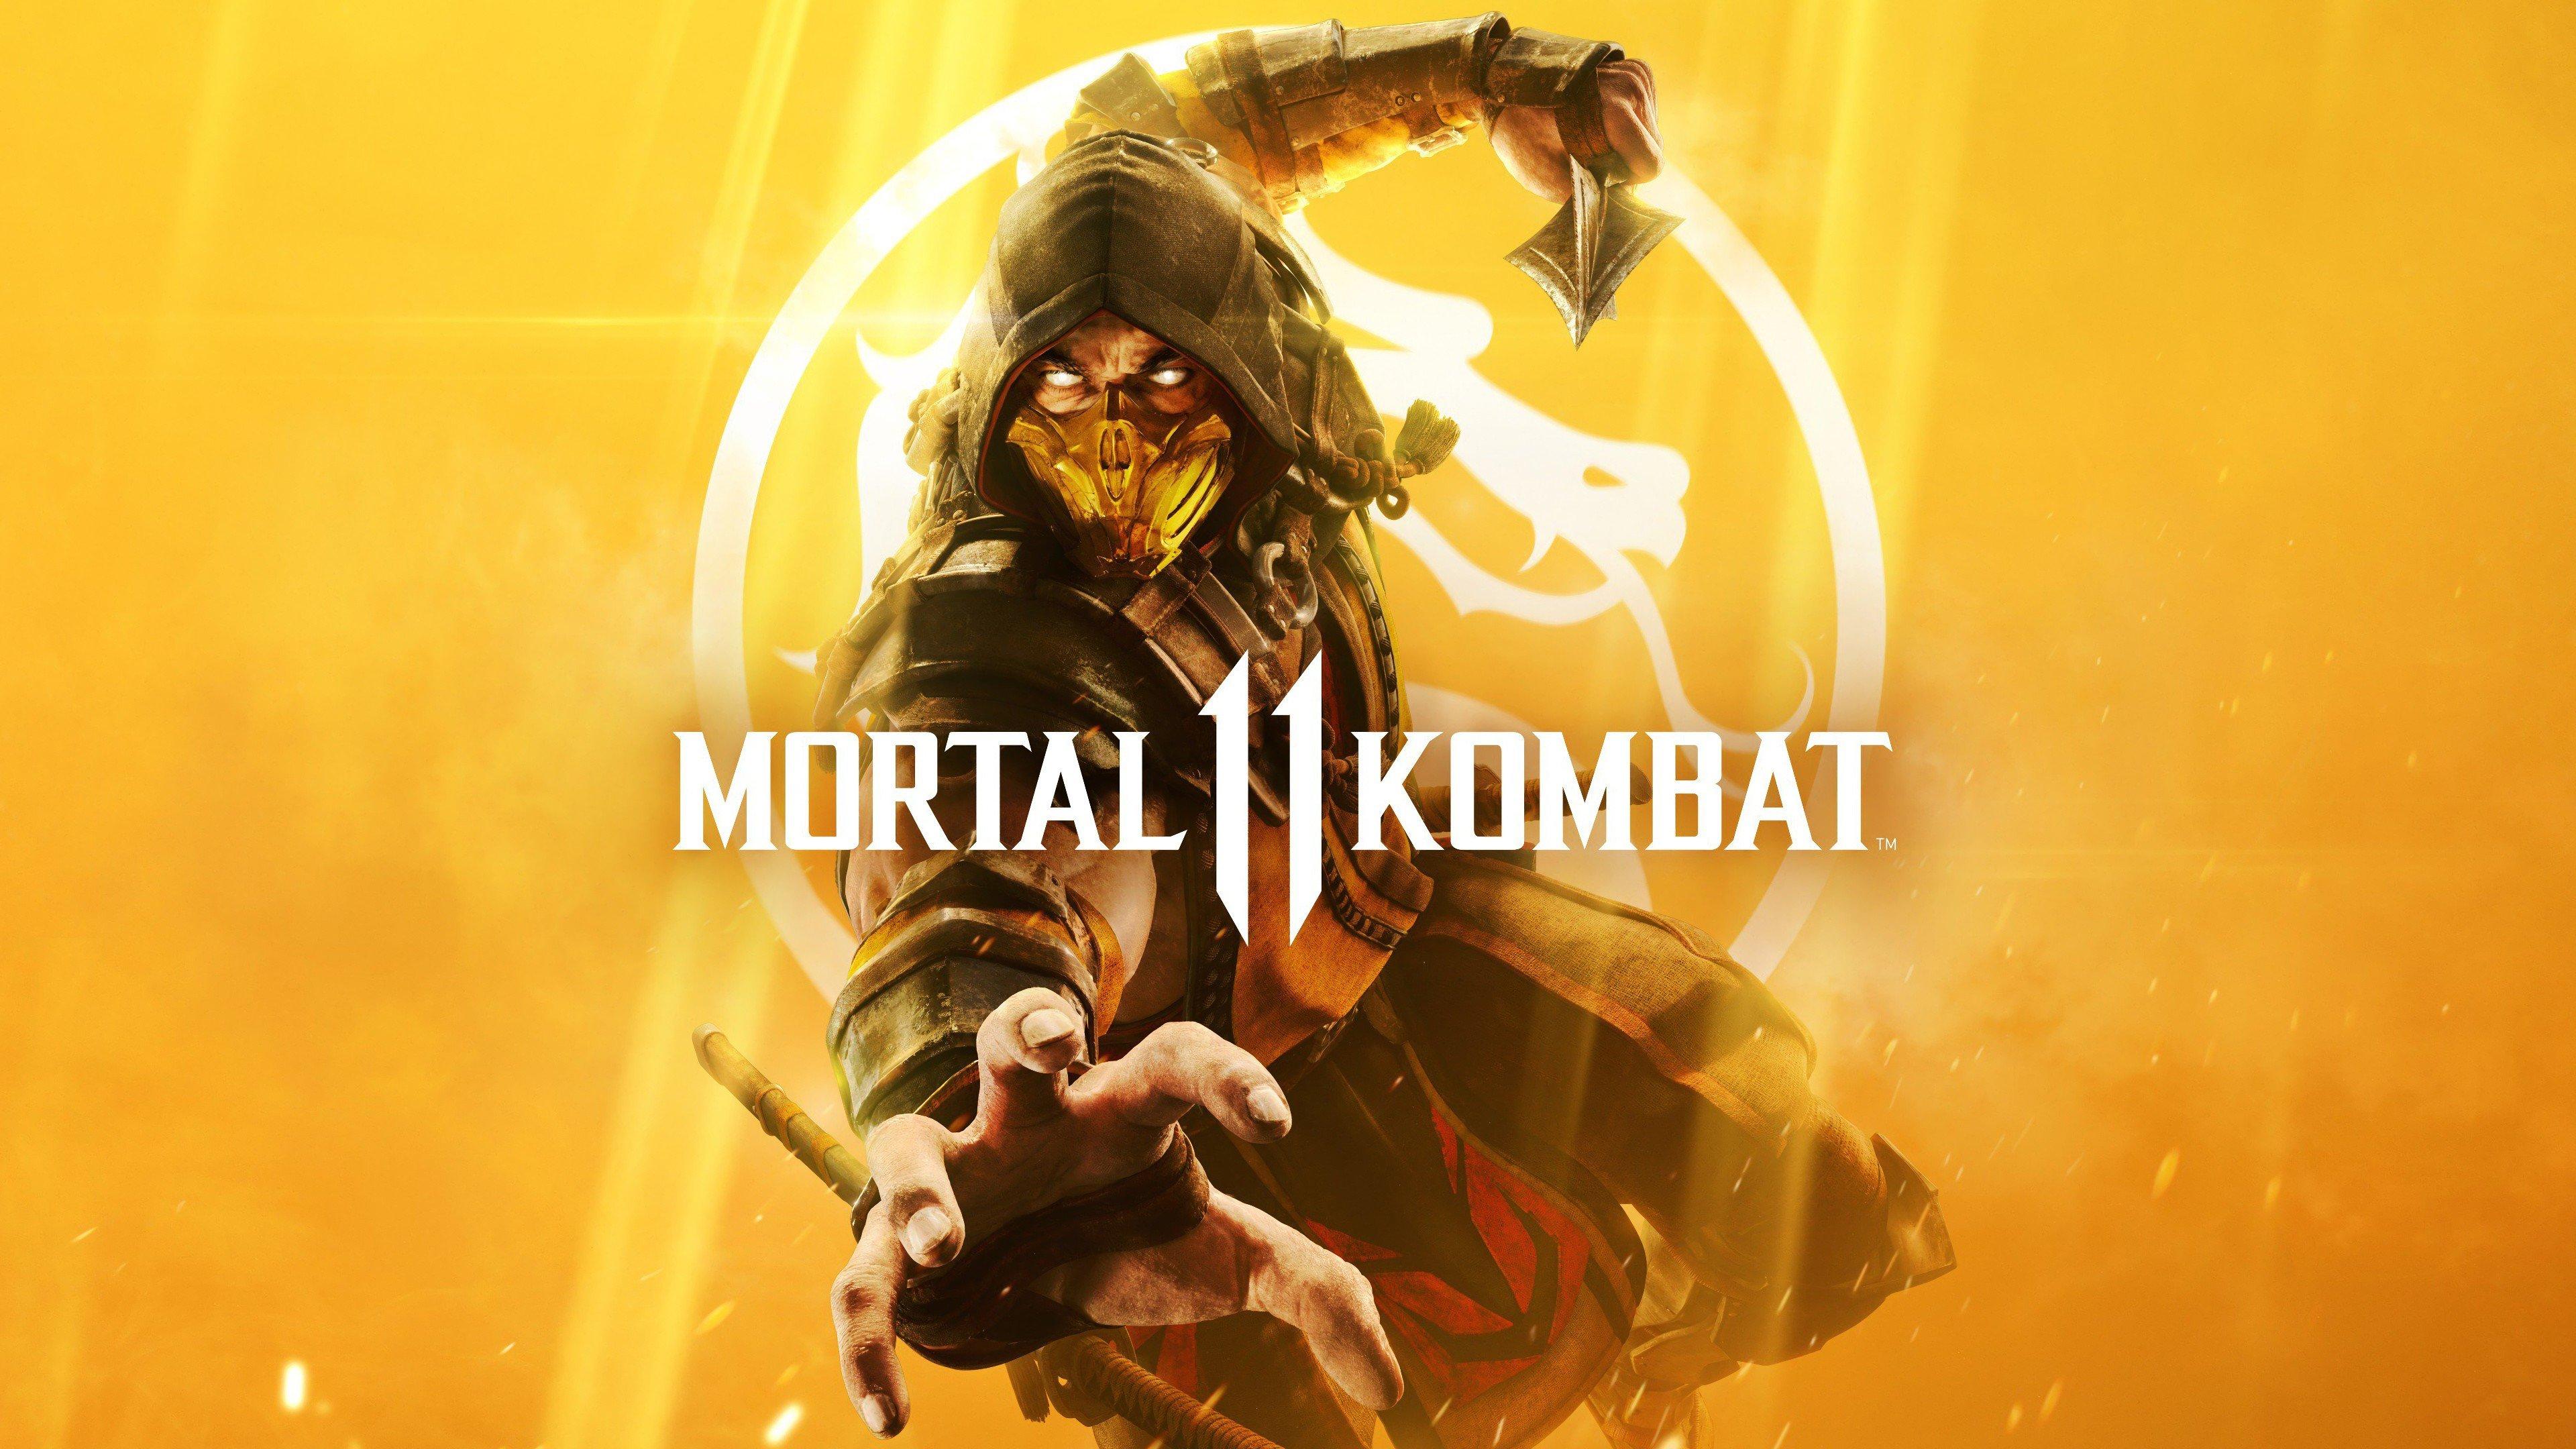 Mortal Kombat 11 Scorpion Wallpaper 4k Ultra Hd Id 3406